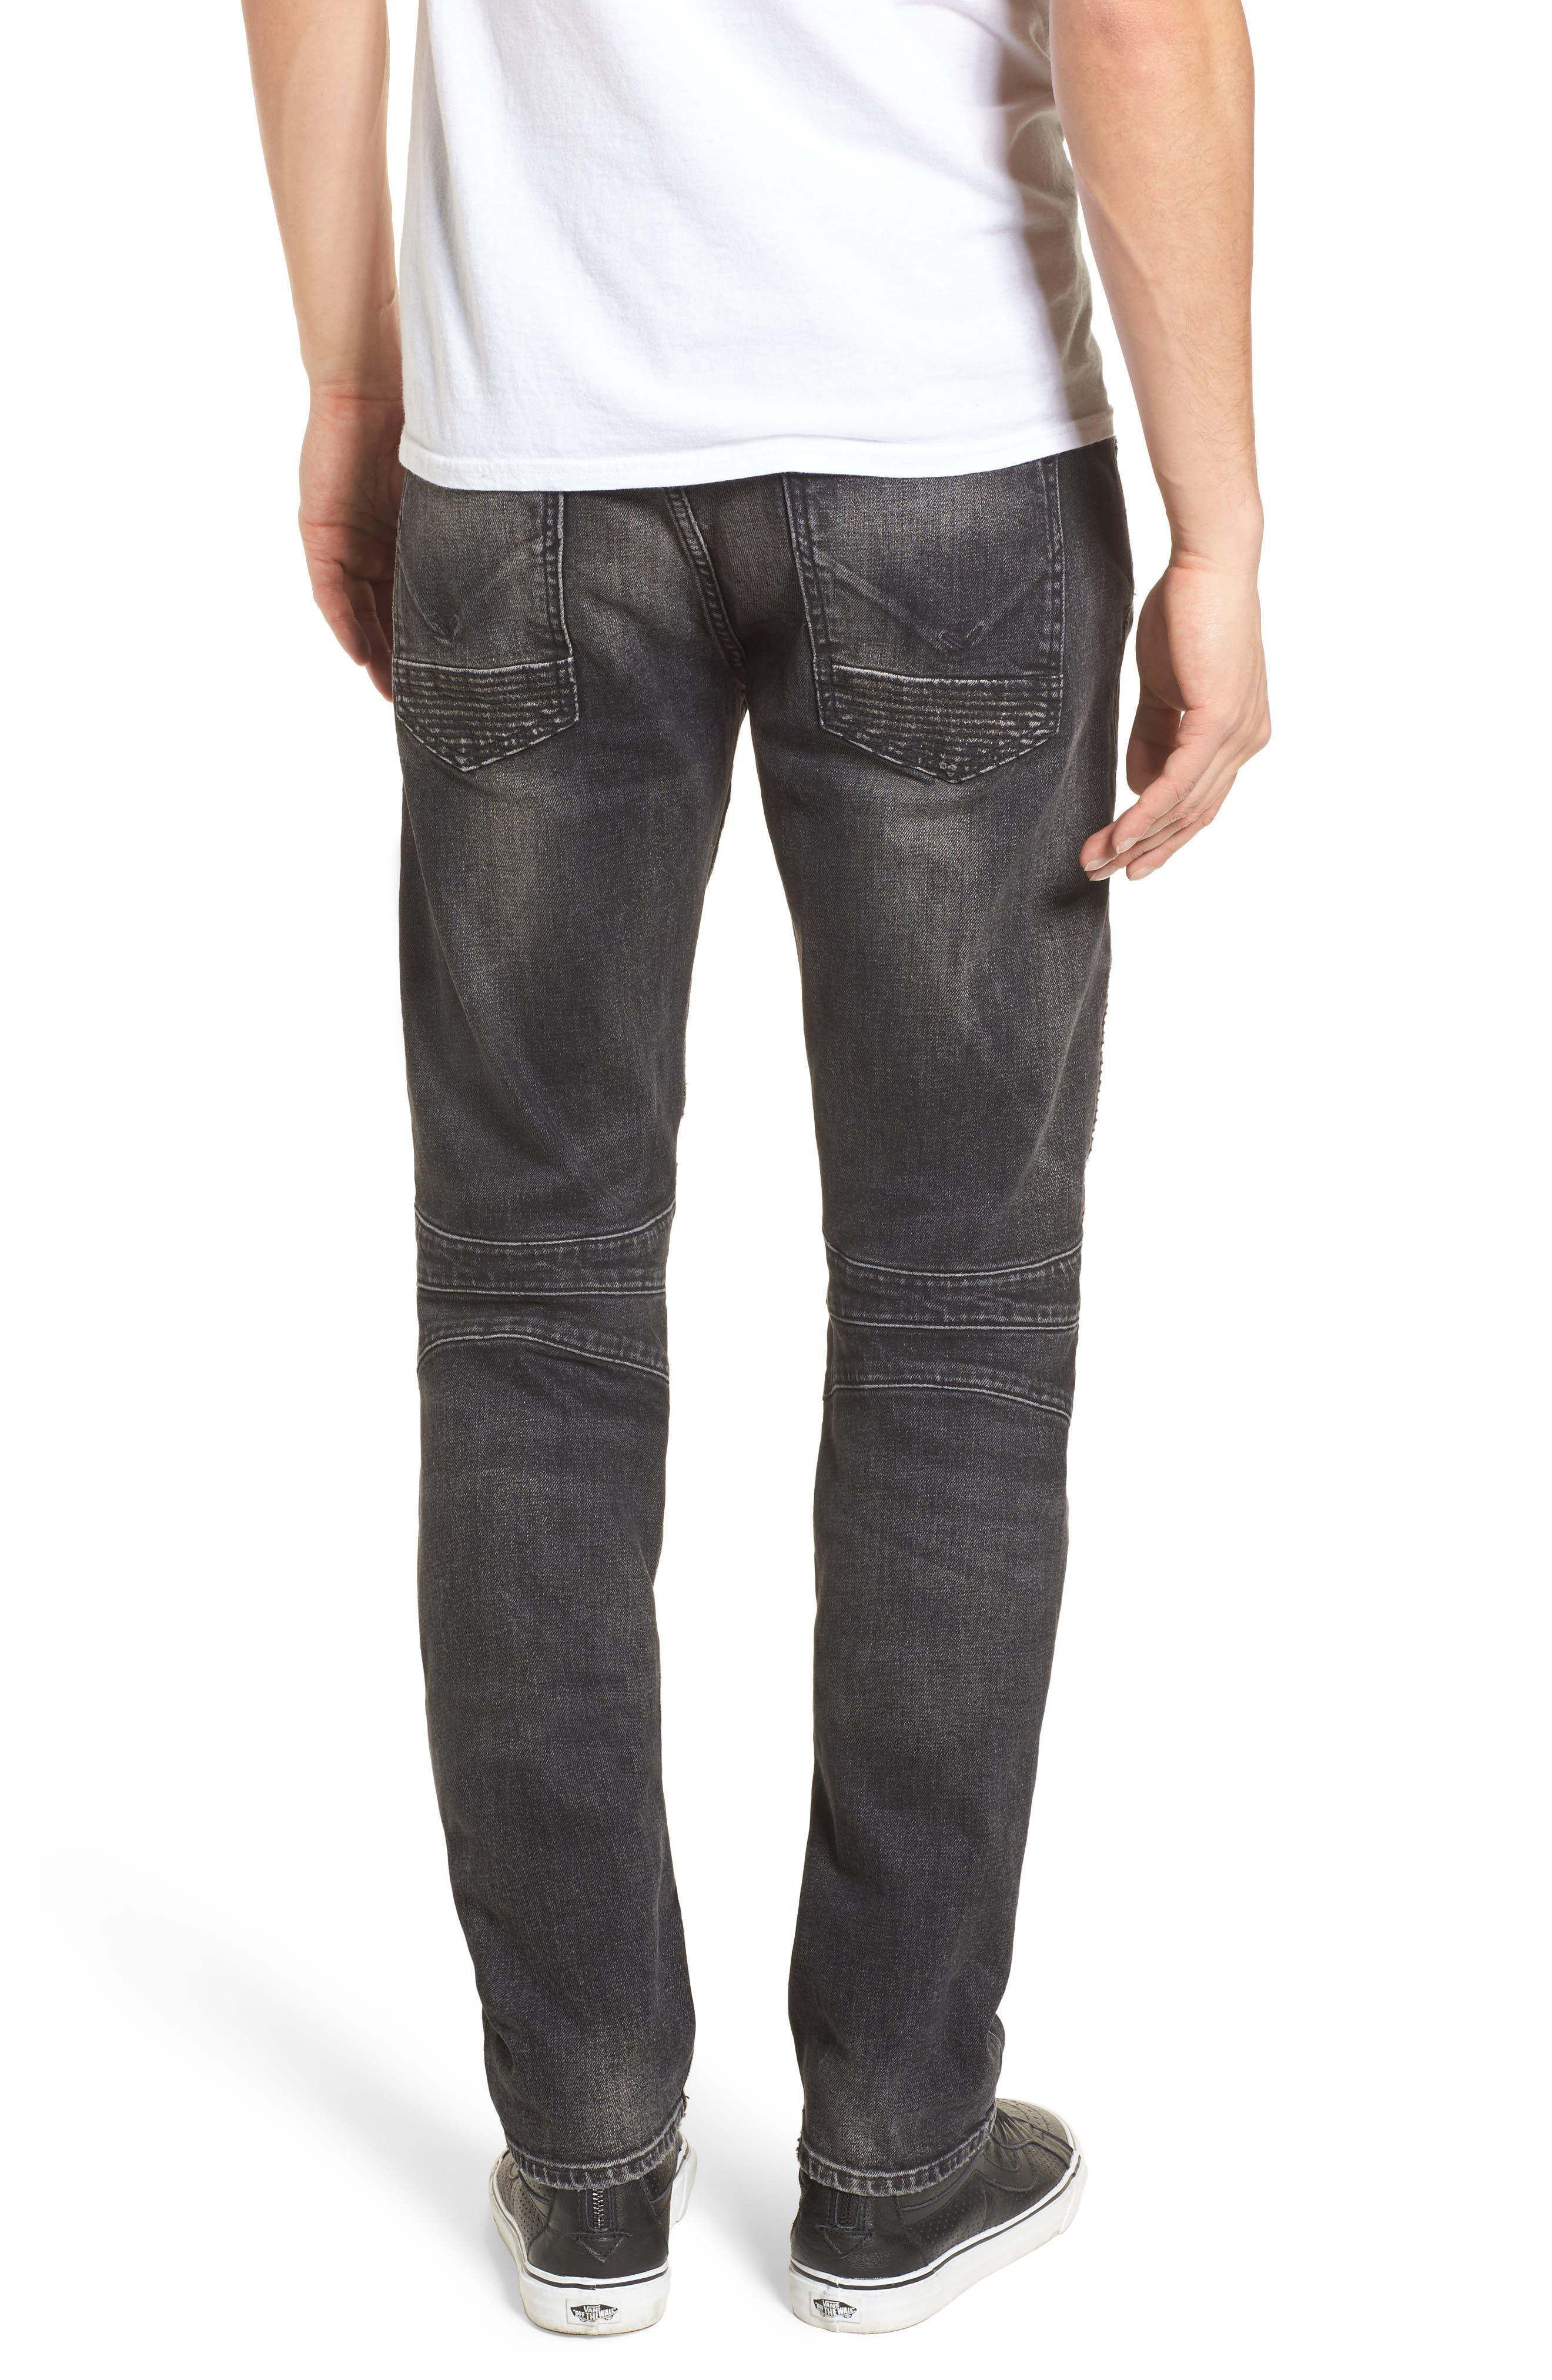 Blinder Biker Skinny Fit Jeans,                             Alternate thumbnail 2, color,                             Hacker